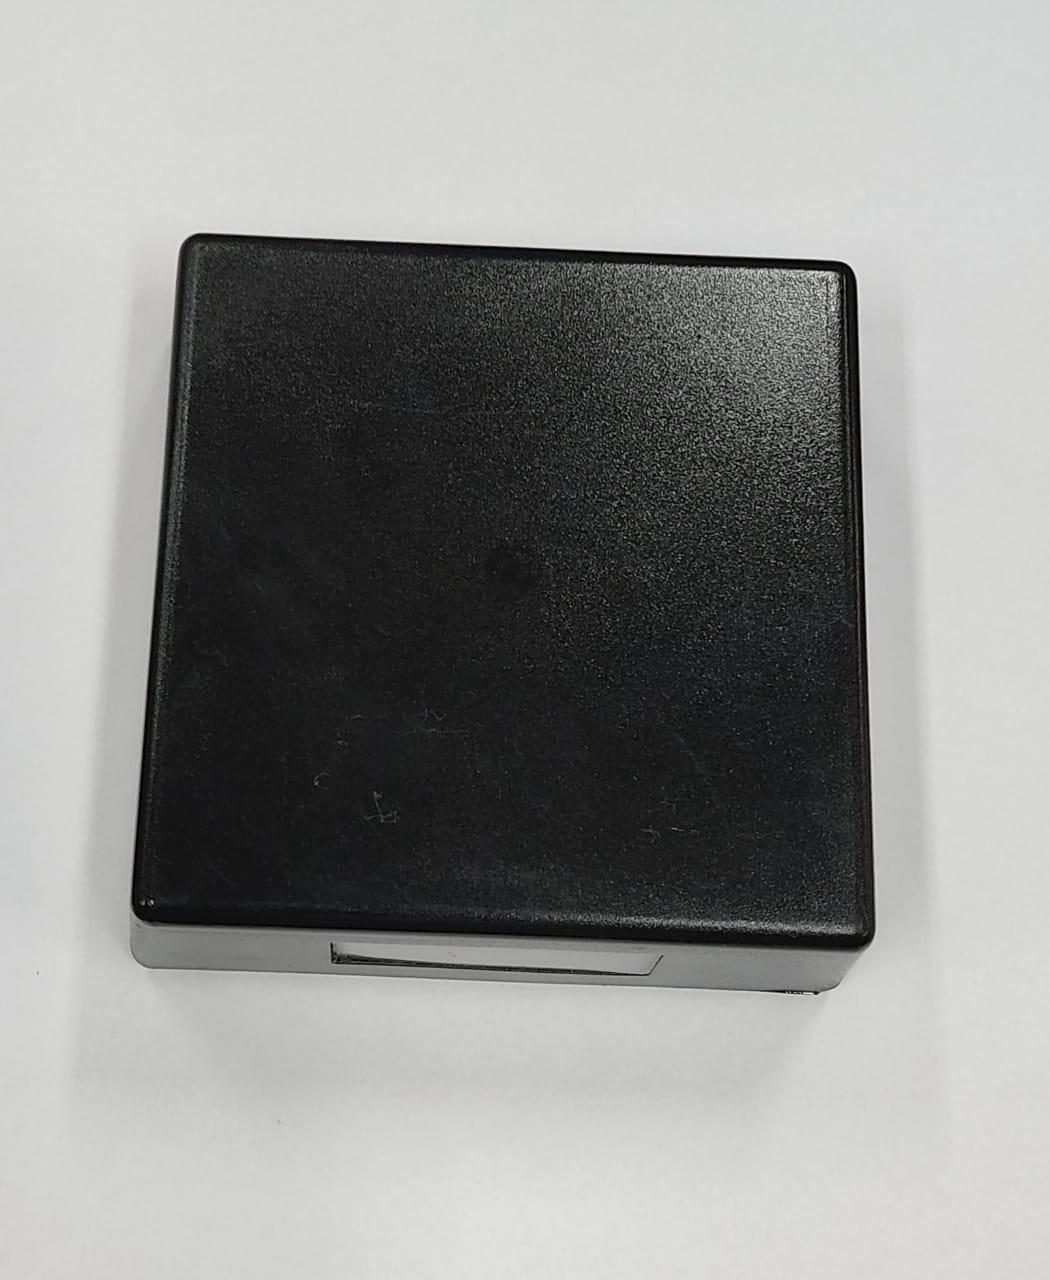 Arandela Externa SLIM Quadrada Preta 22100 c/ Led 5w  - Giamar